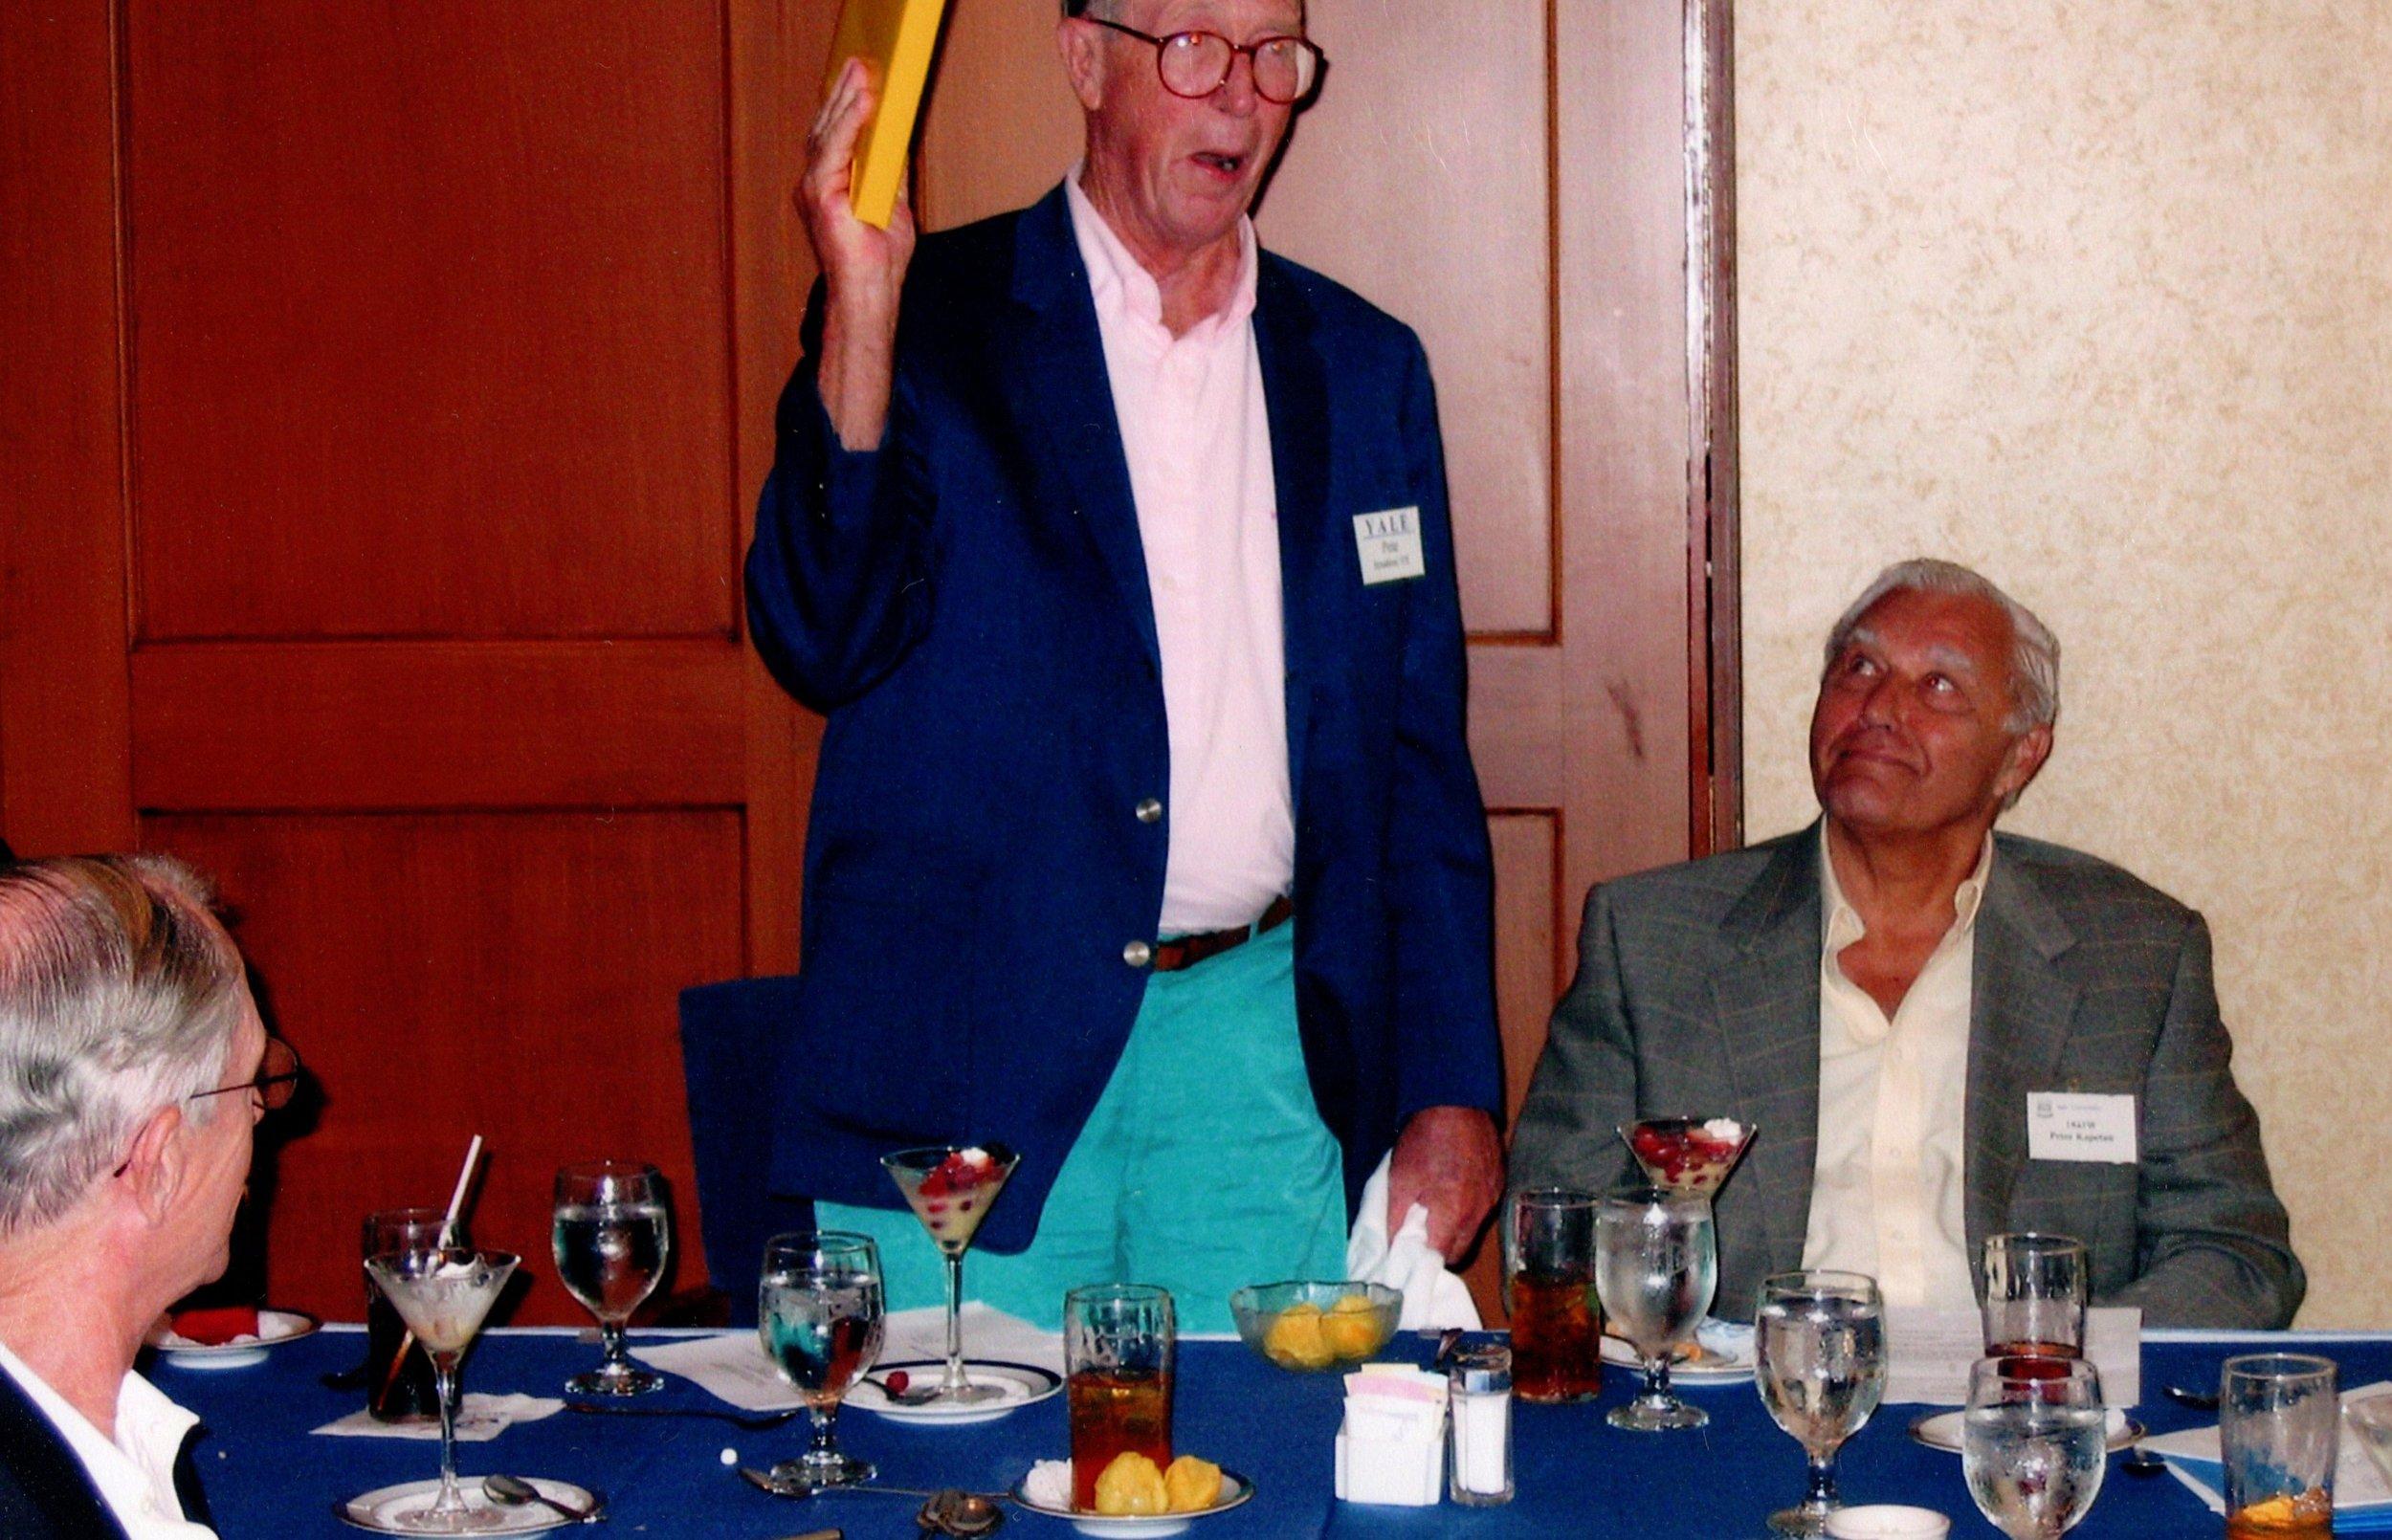 11_11_2004 - ANNUAL MEETING OF MEMBERS - NAPLES YACHT CLUB 17.jpg